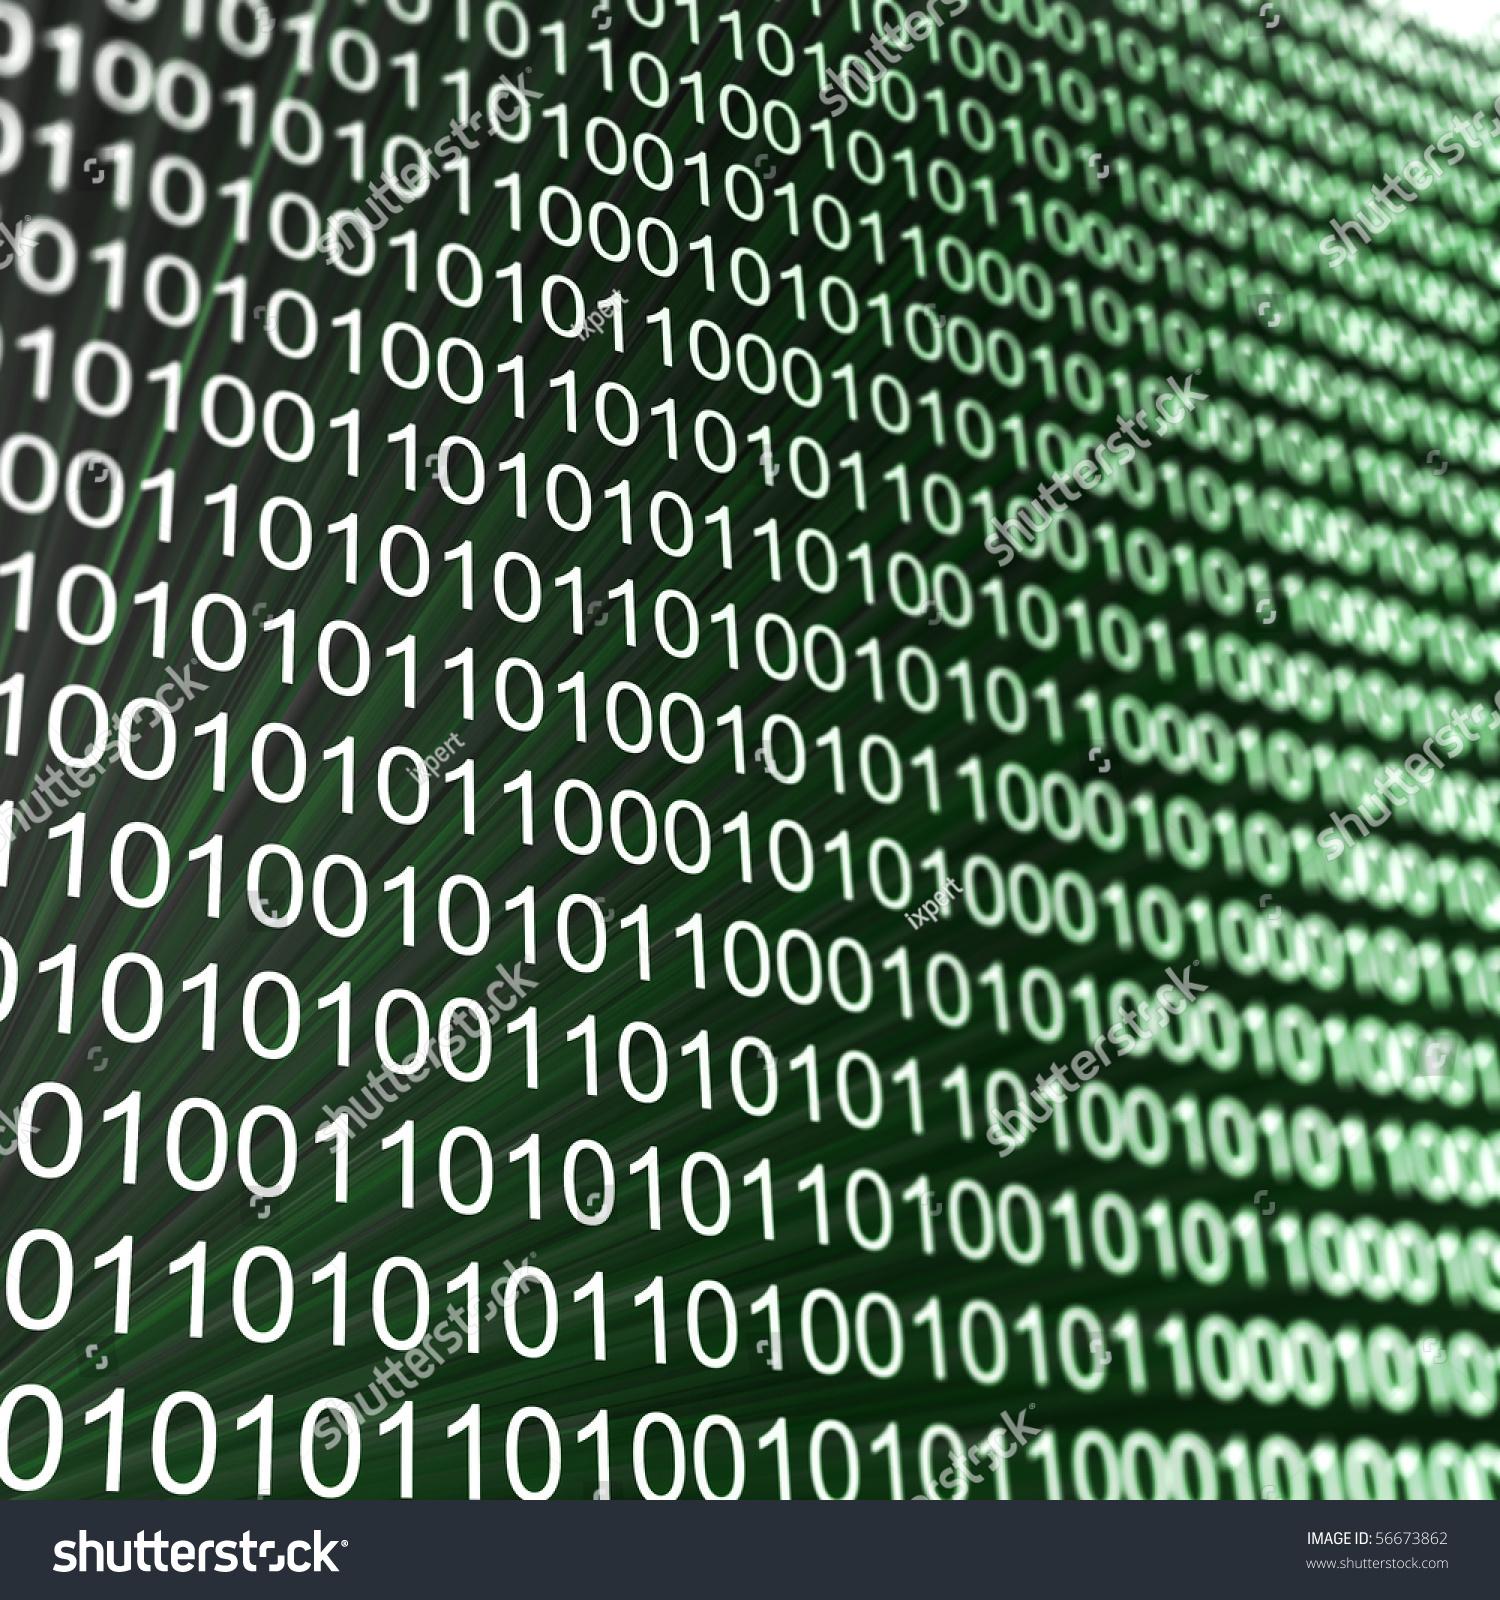 Binary matrix product